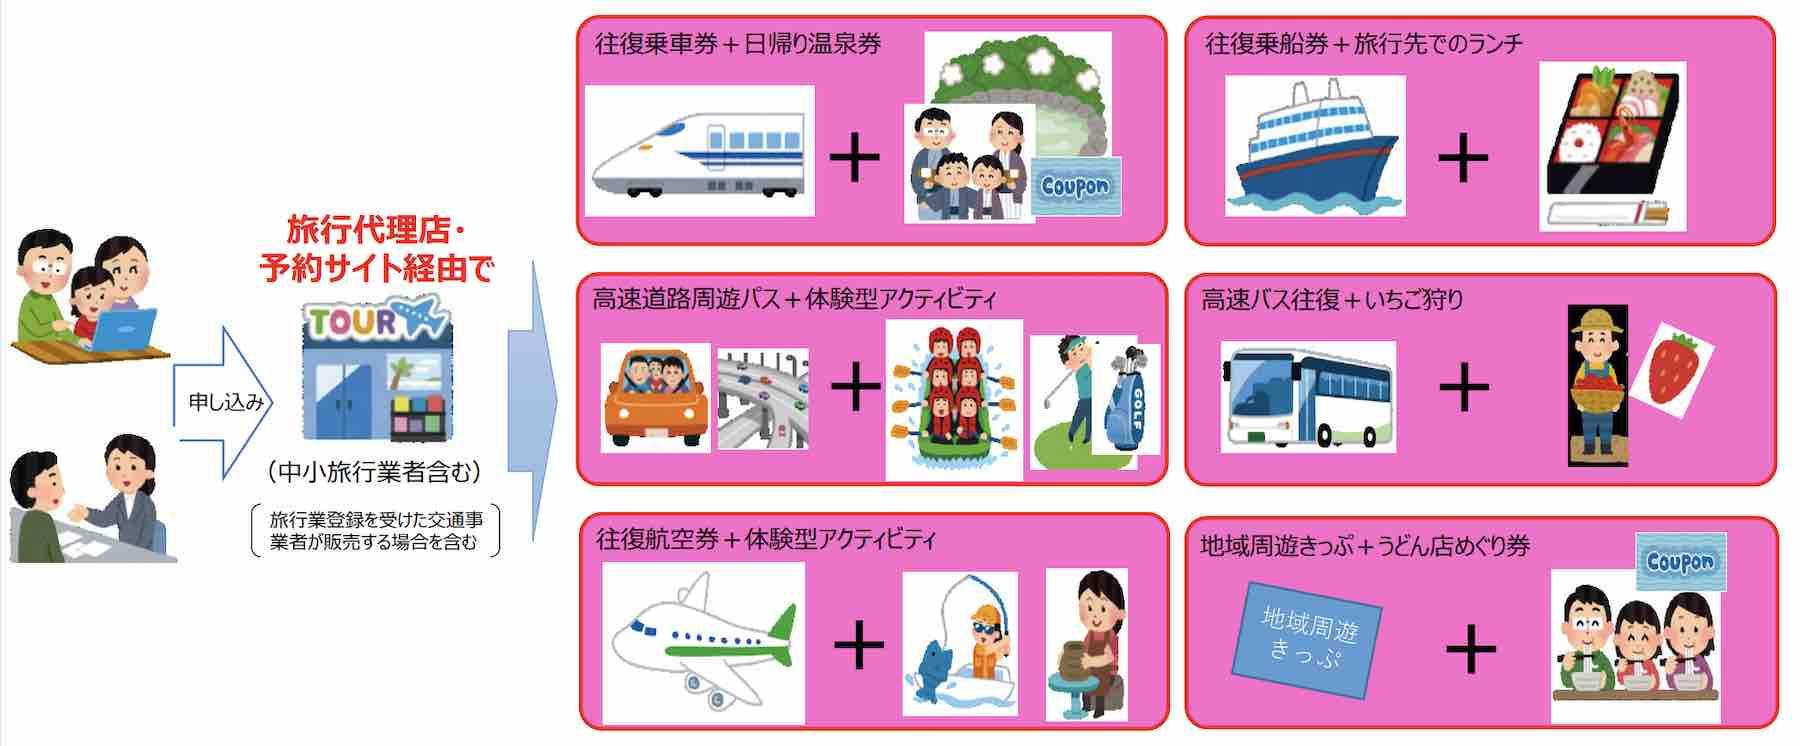 GoToキャンペーン対象旅行商品